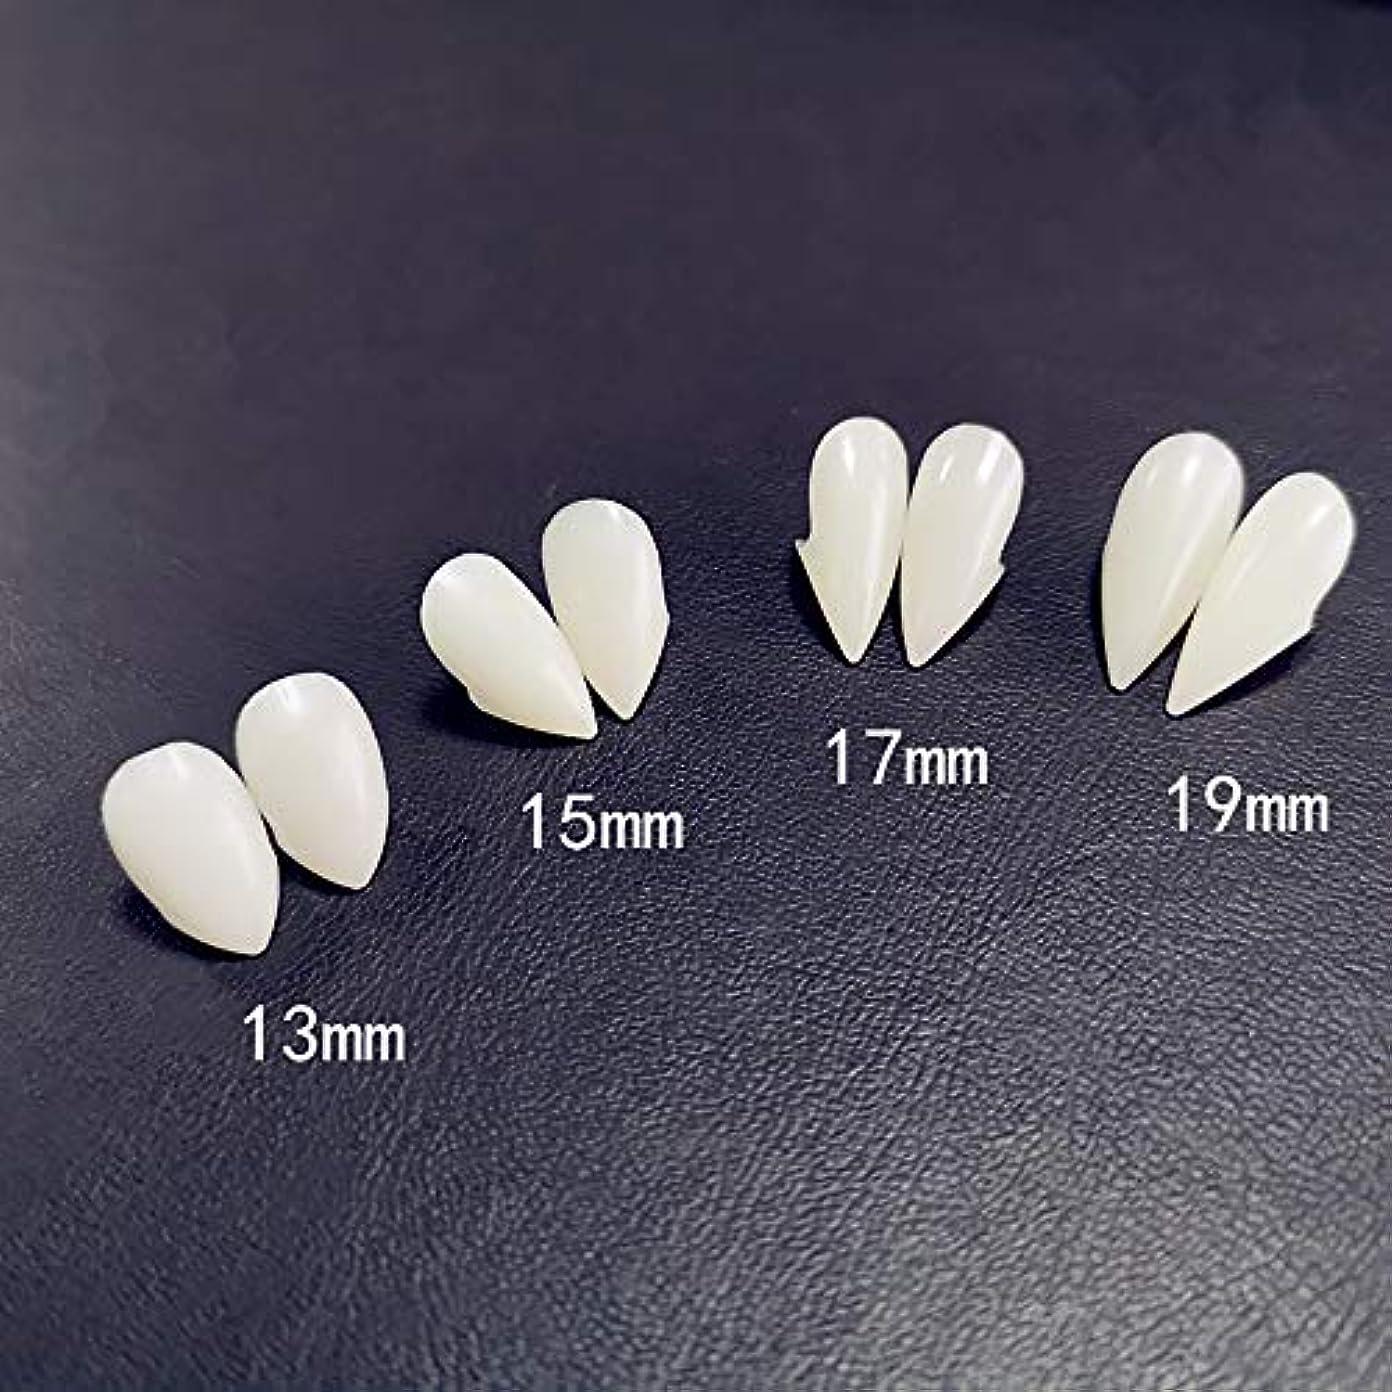 さまようとは異なりトラック6ペア牙キット歯の入れ歯歯の牙入れ歯小道具ハロウィーンの衣装小道具パーティーの好意休日DIYの装飾ホラー大人のための子供,13mm